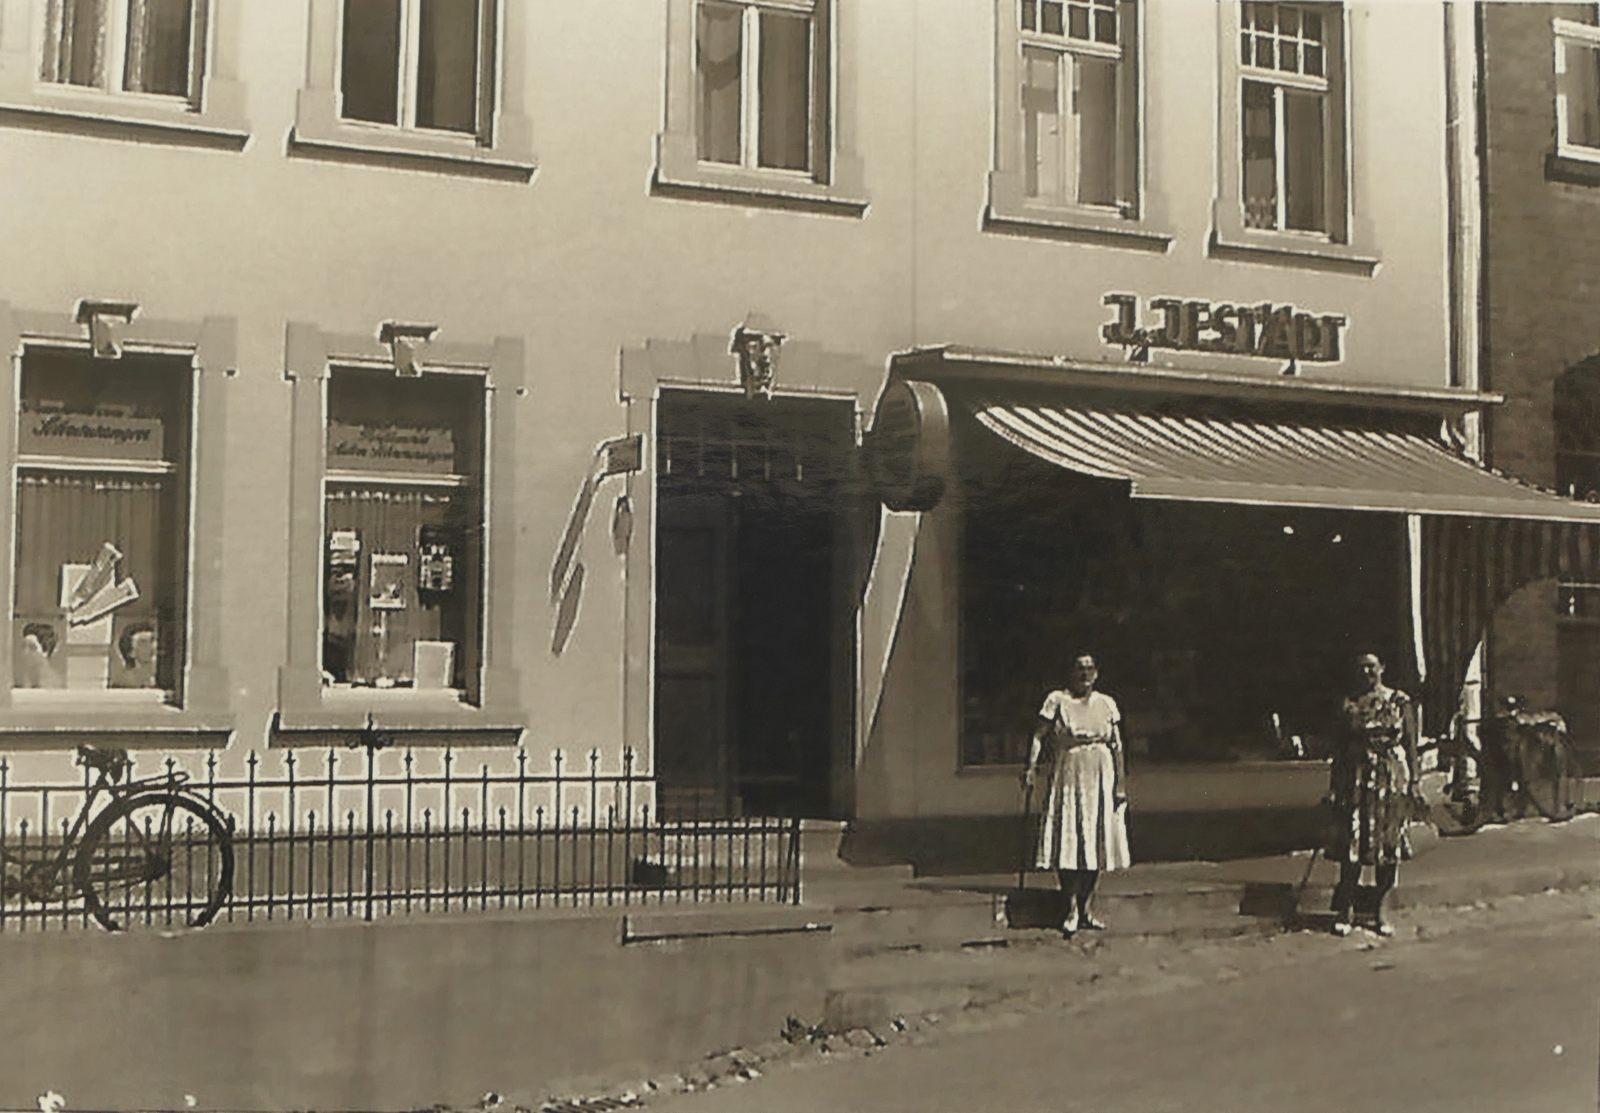 Buchhandlung Jestädt in den 1960ern